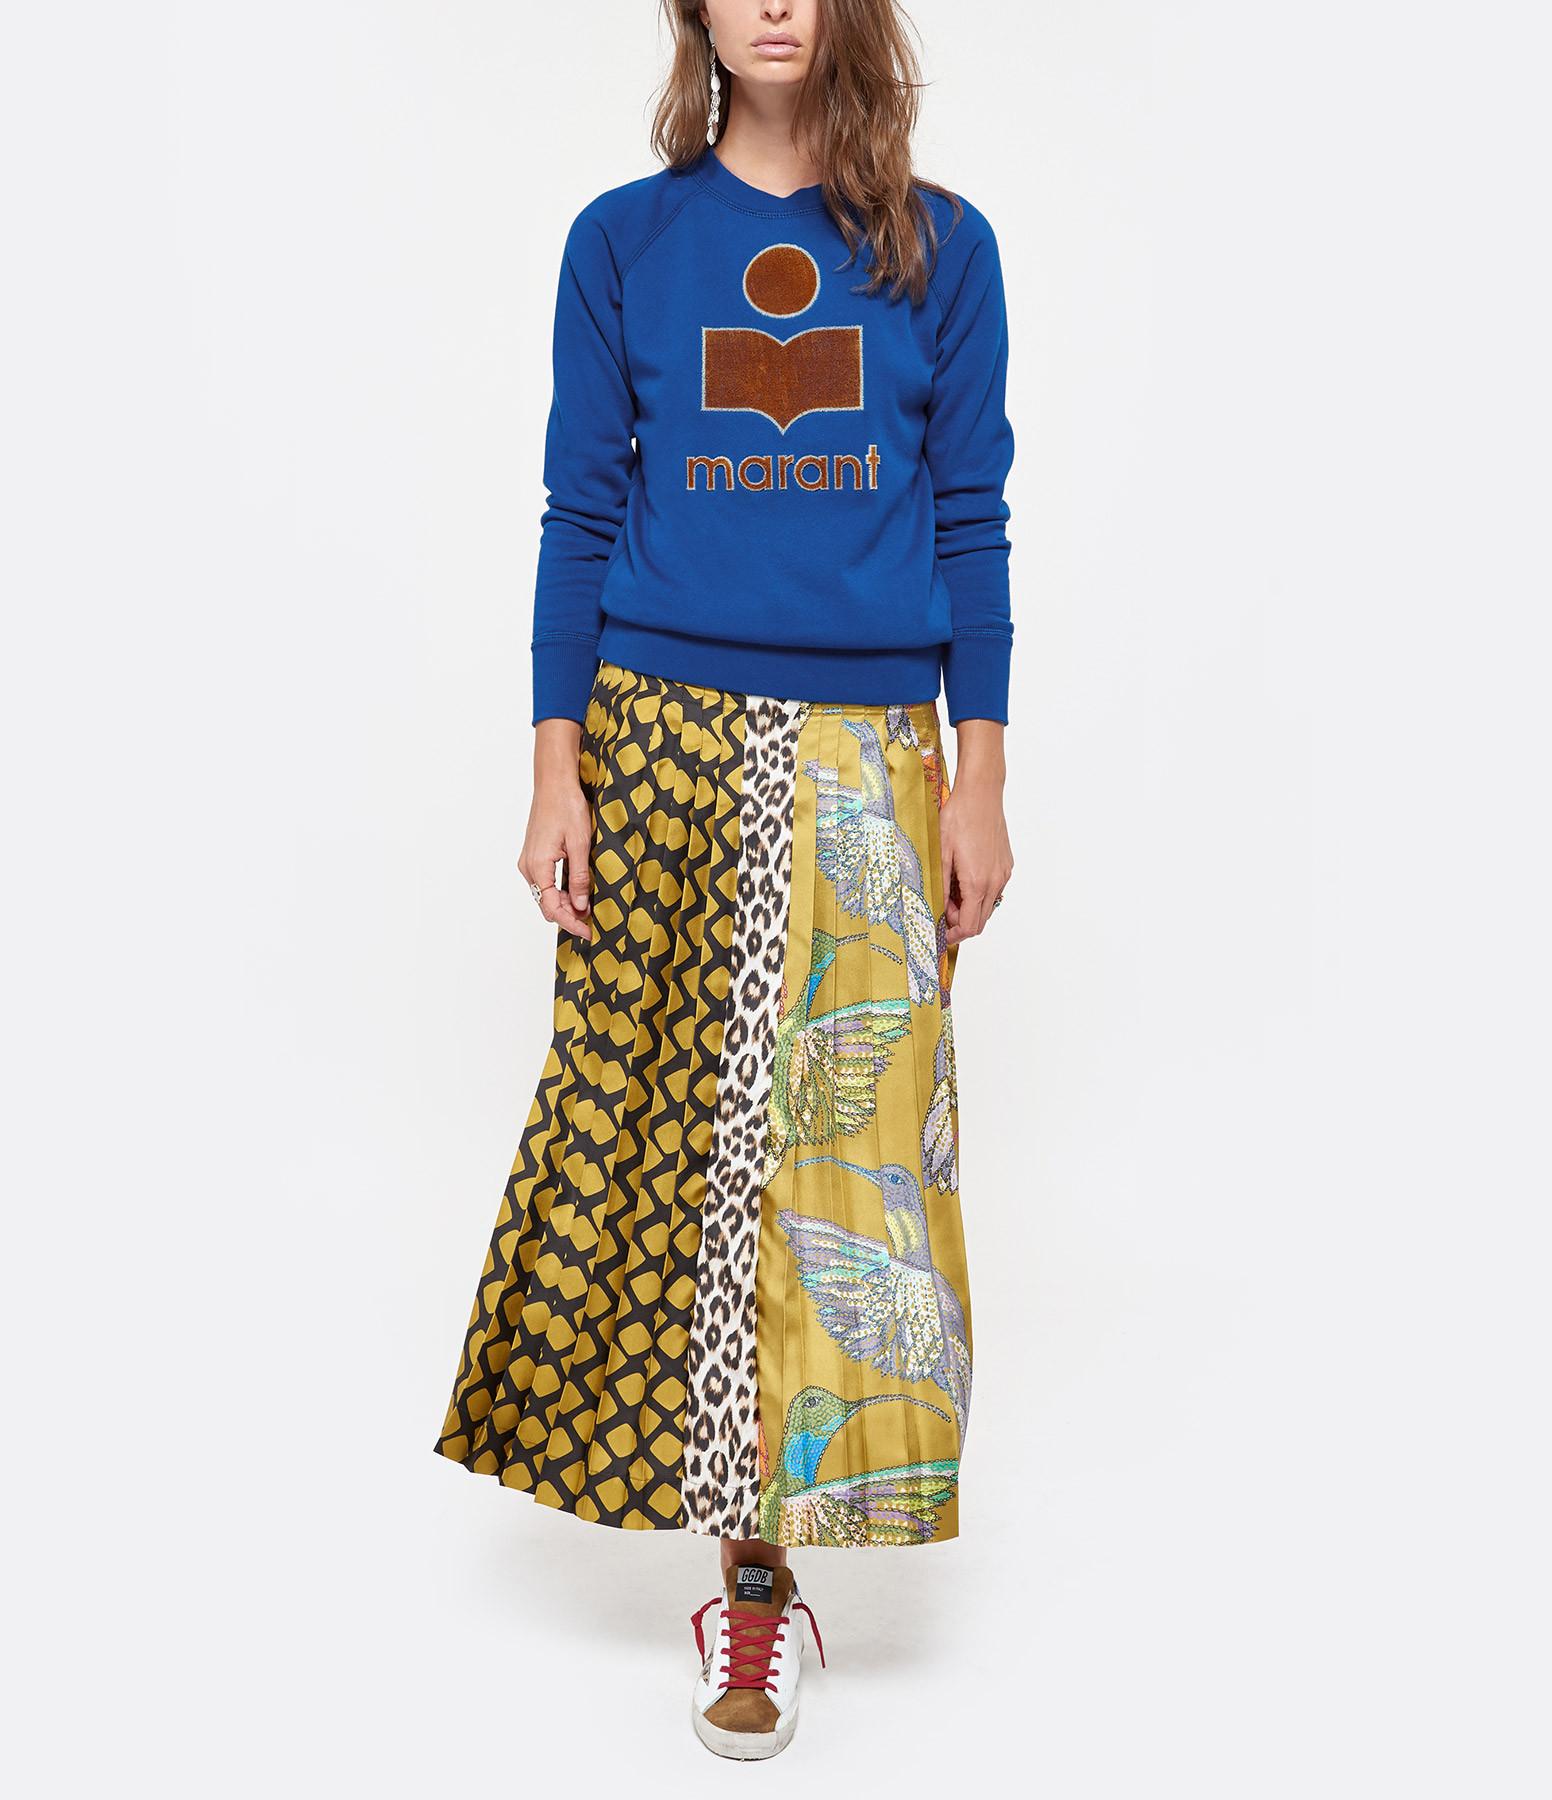 ISABEL MARANT ÉTOILE - Sweatshirt Milly Coton Bleu Électrique